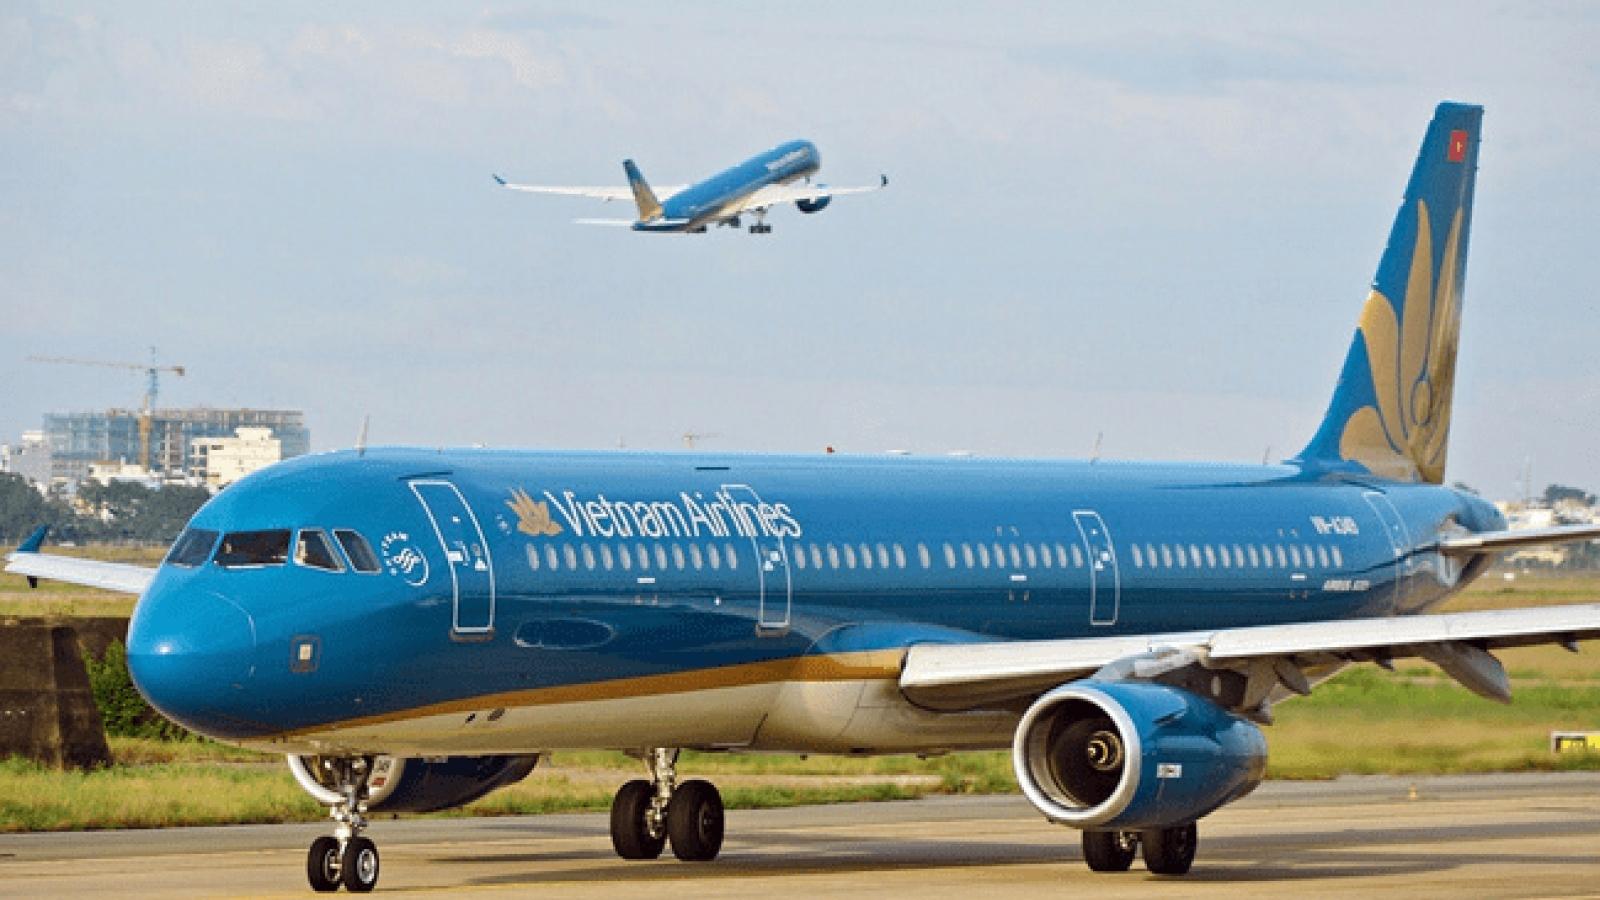 Nam hành khách bật lửa đốt giấy trên máy bay, chuyến bay phải quay đầu khẩn cấp